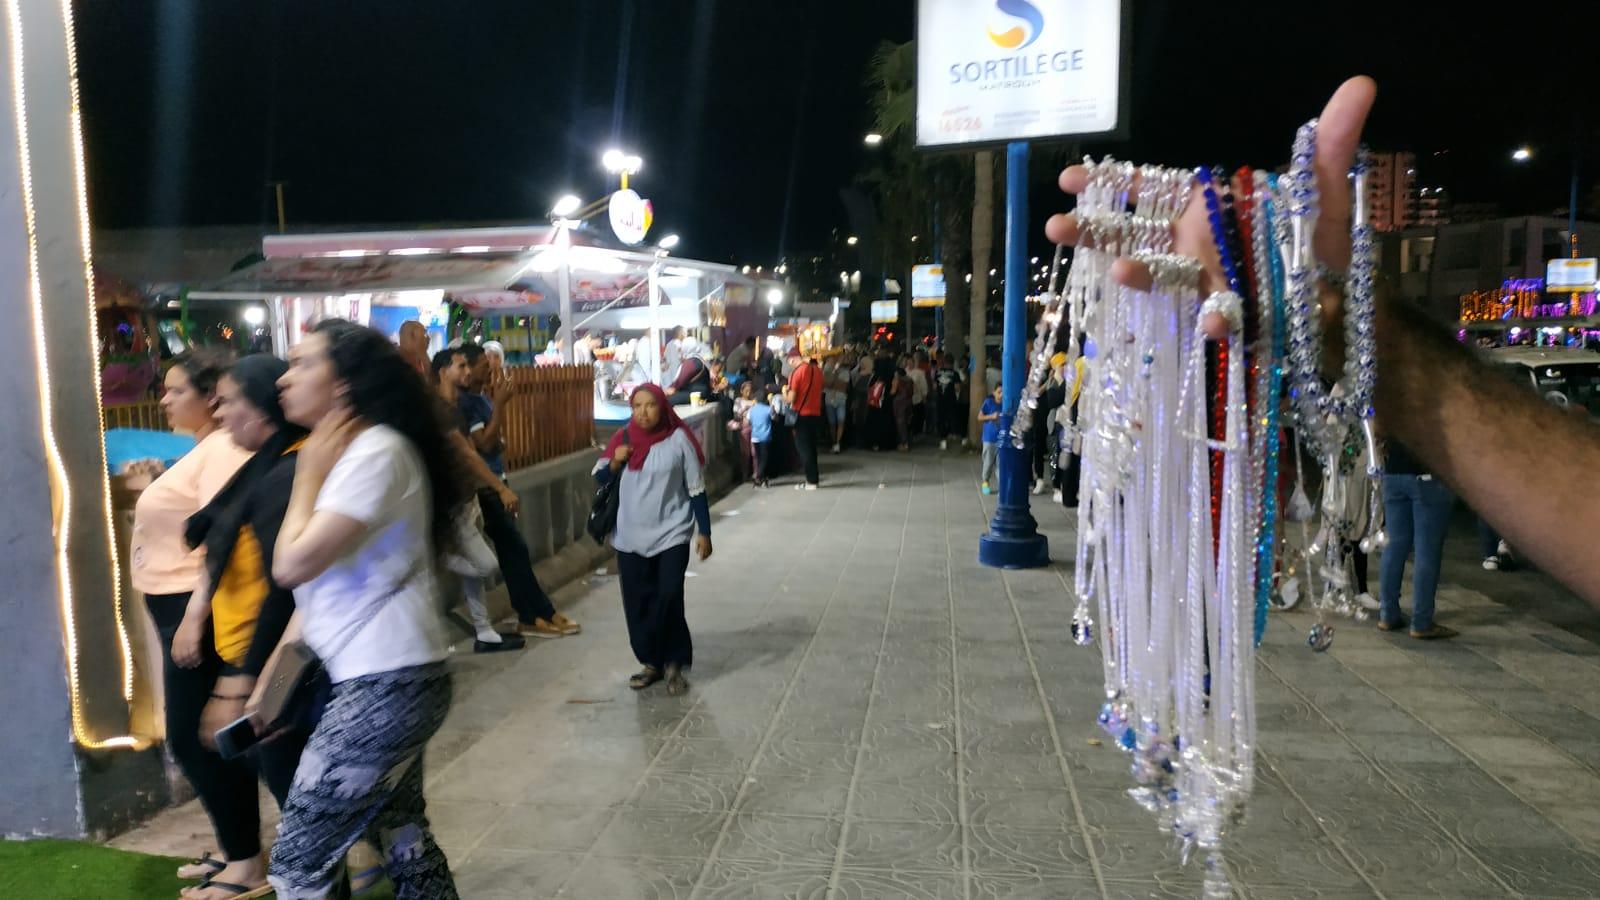 مطروح تواصل جذب عشاقها بالطقس الرائع والأجواء الليلية على الكورنيش (7)